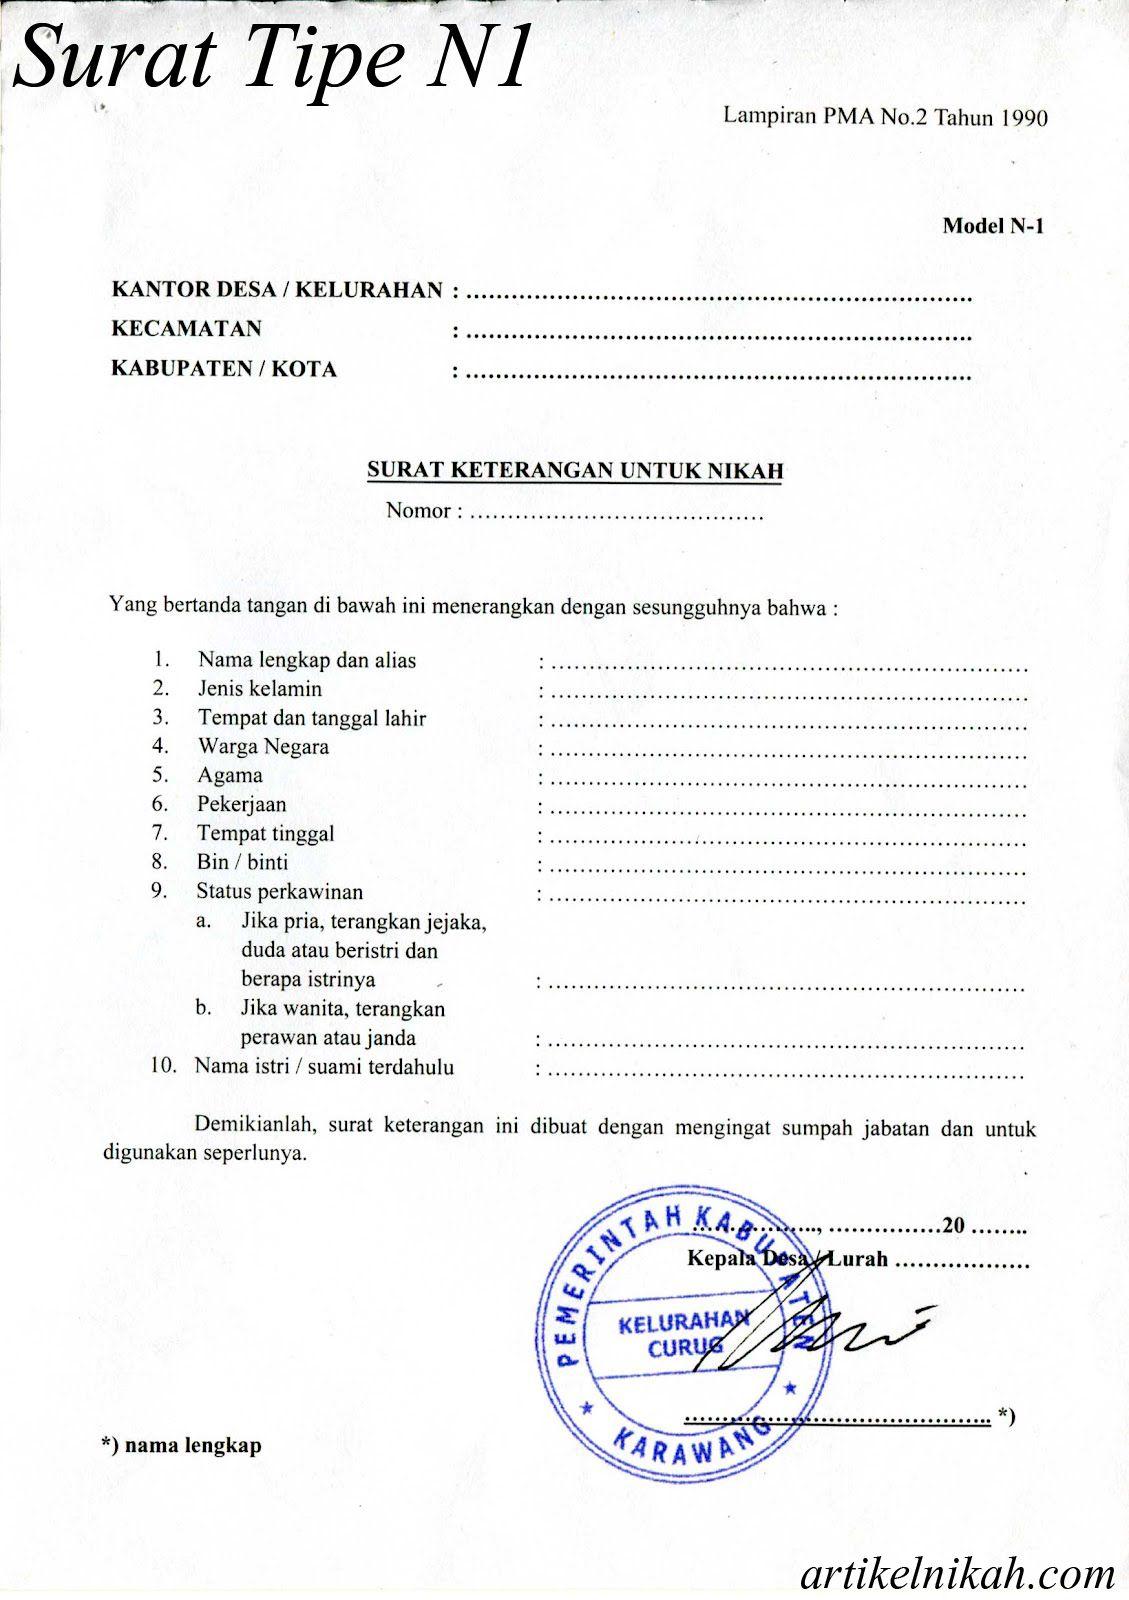 Contoh Surat Keterangan Nikah N1 N2 N3 N4 Nikah Surat Person